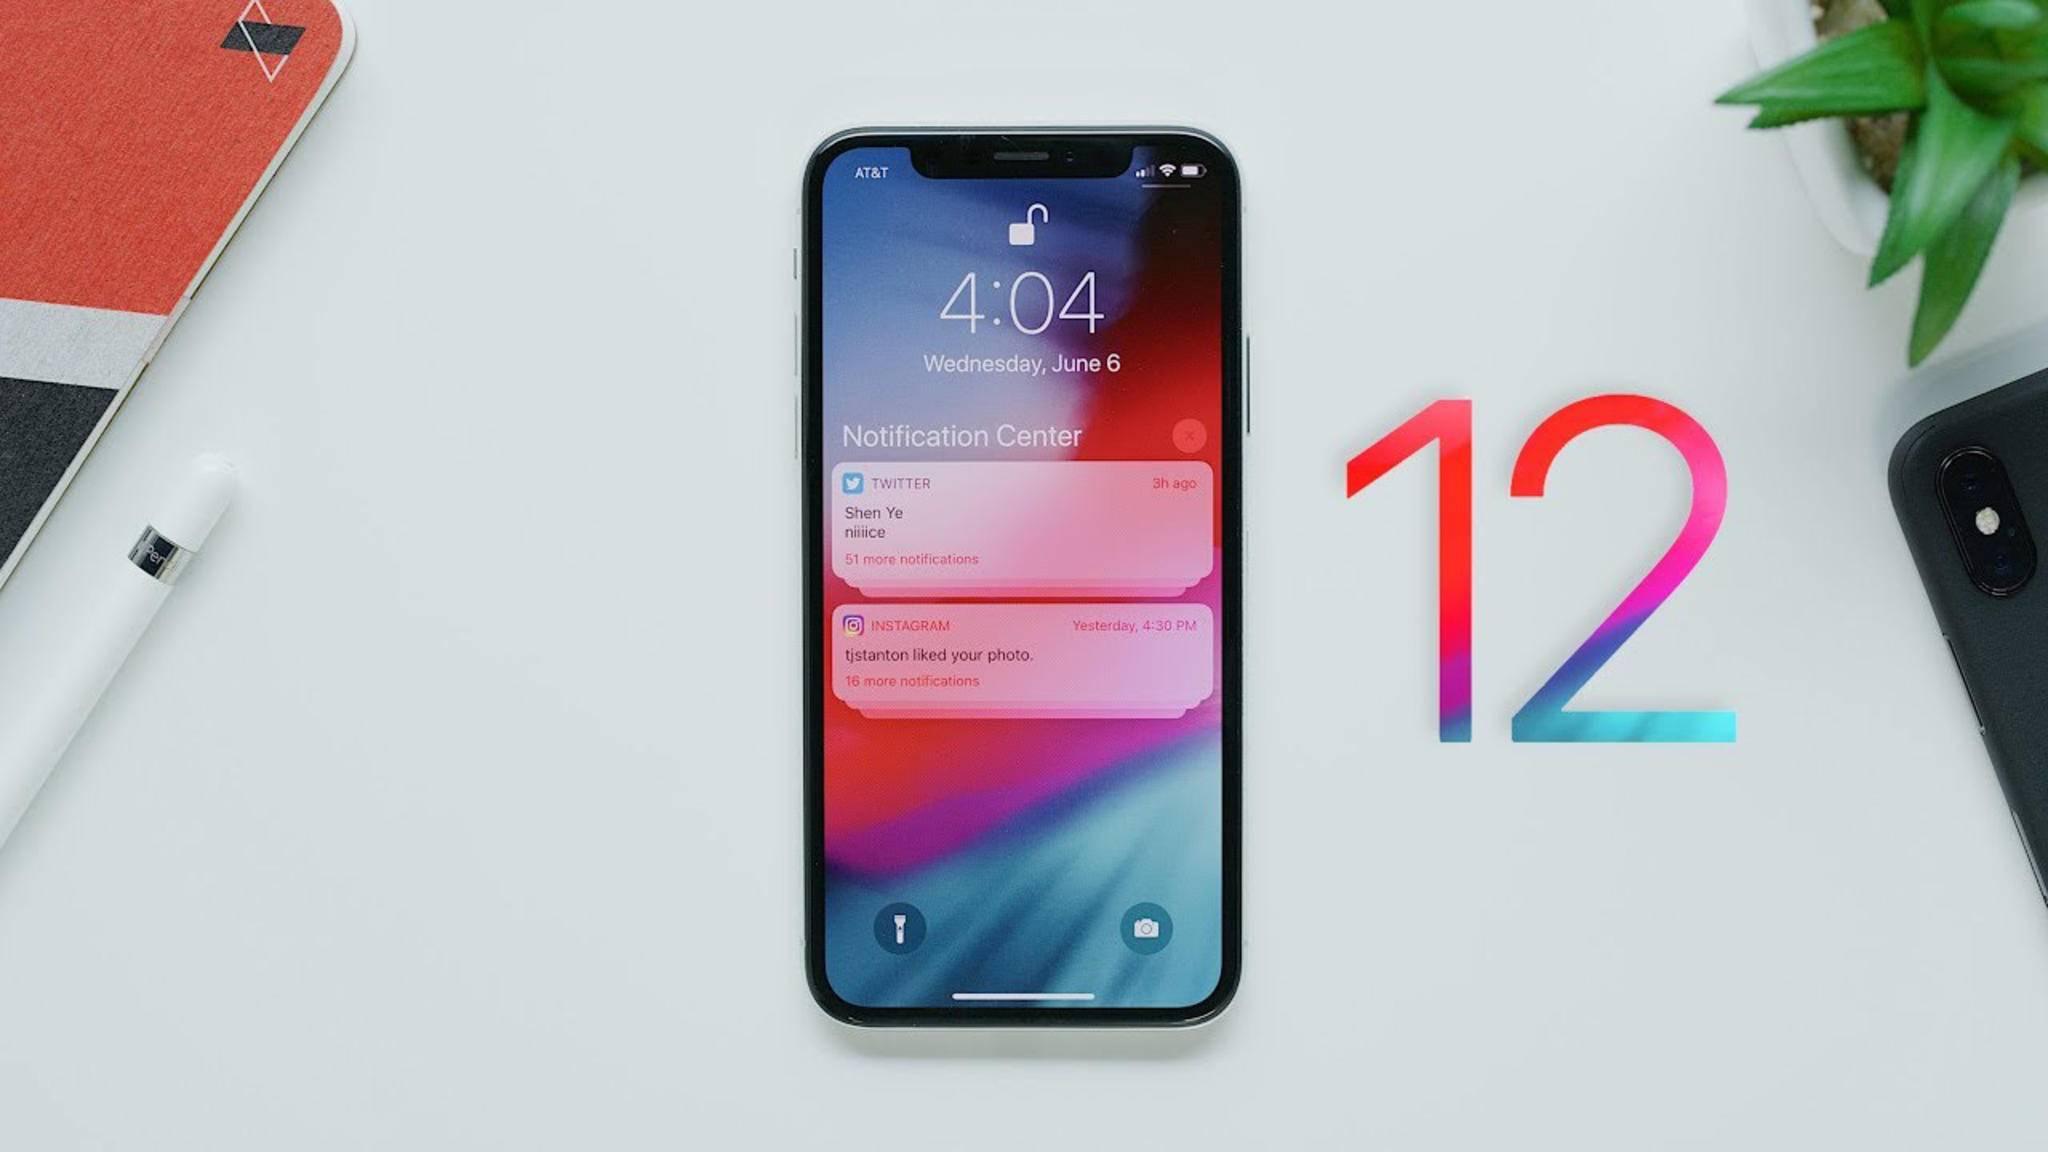 iOS 12 soll vor allem für ältere Geräte eine bessere Performance bringen.